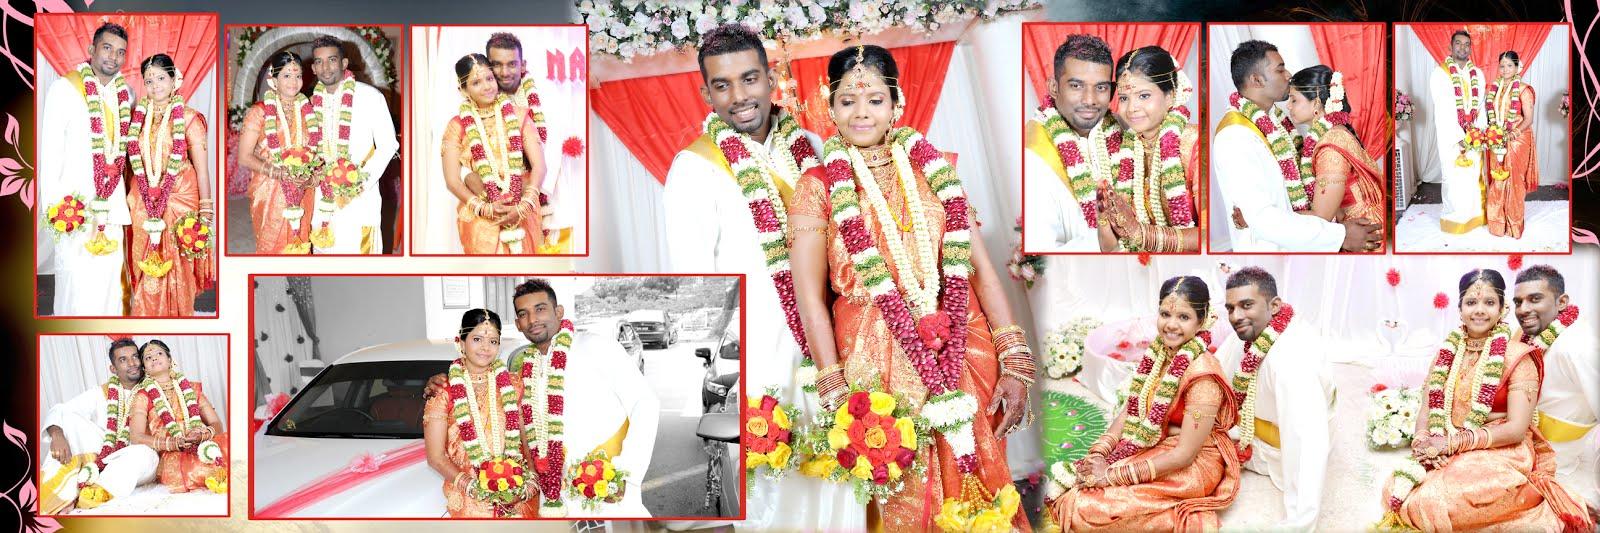 Navindran weds Anujha